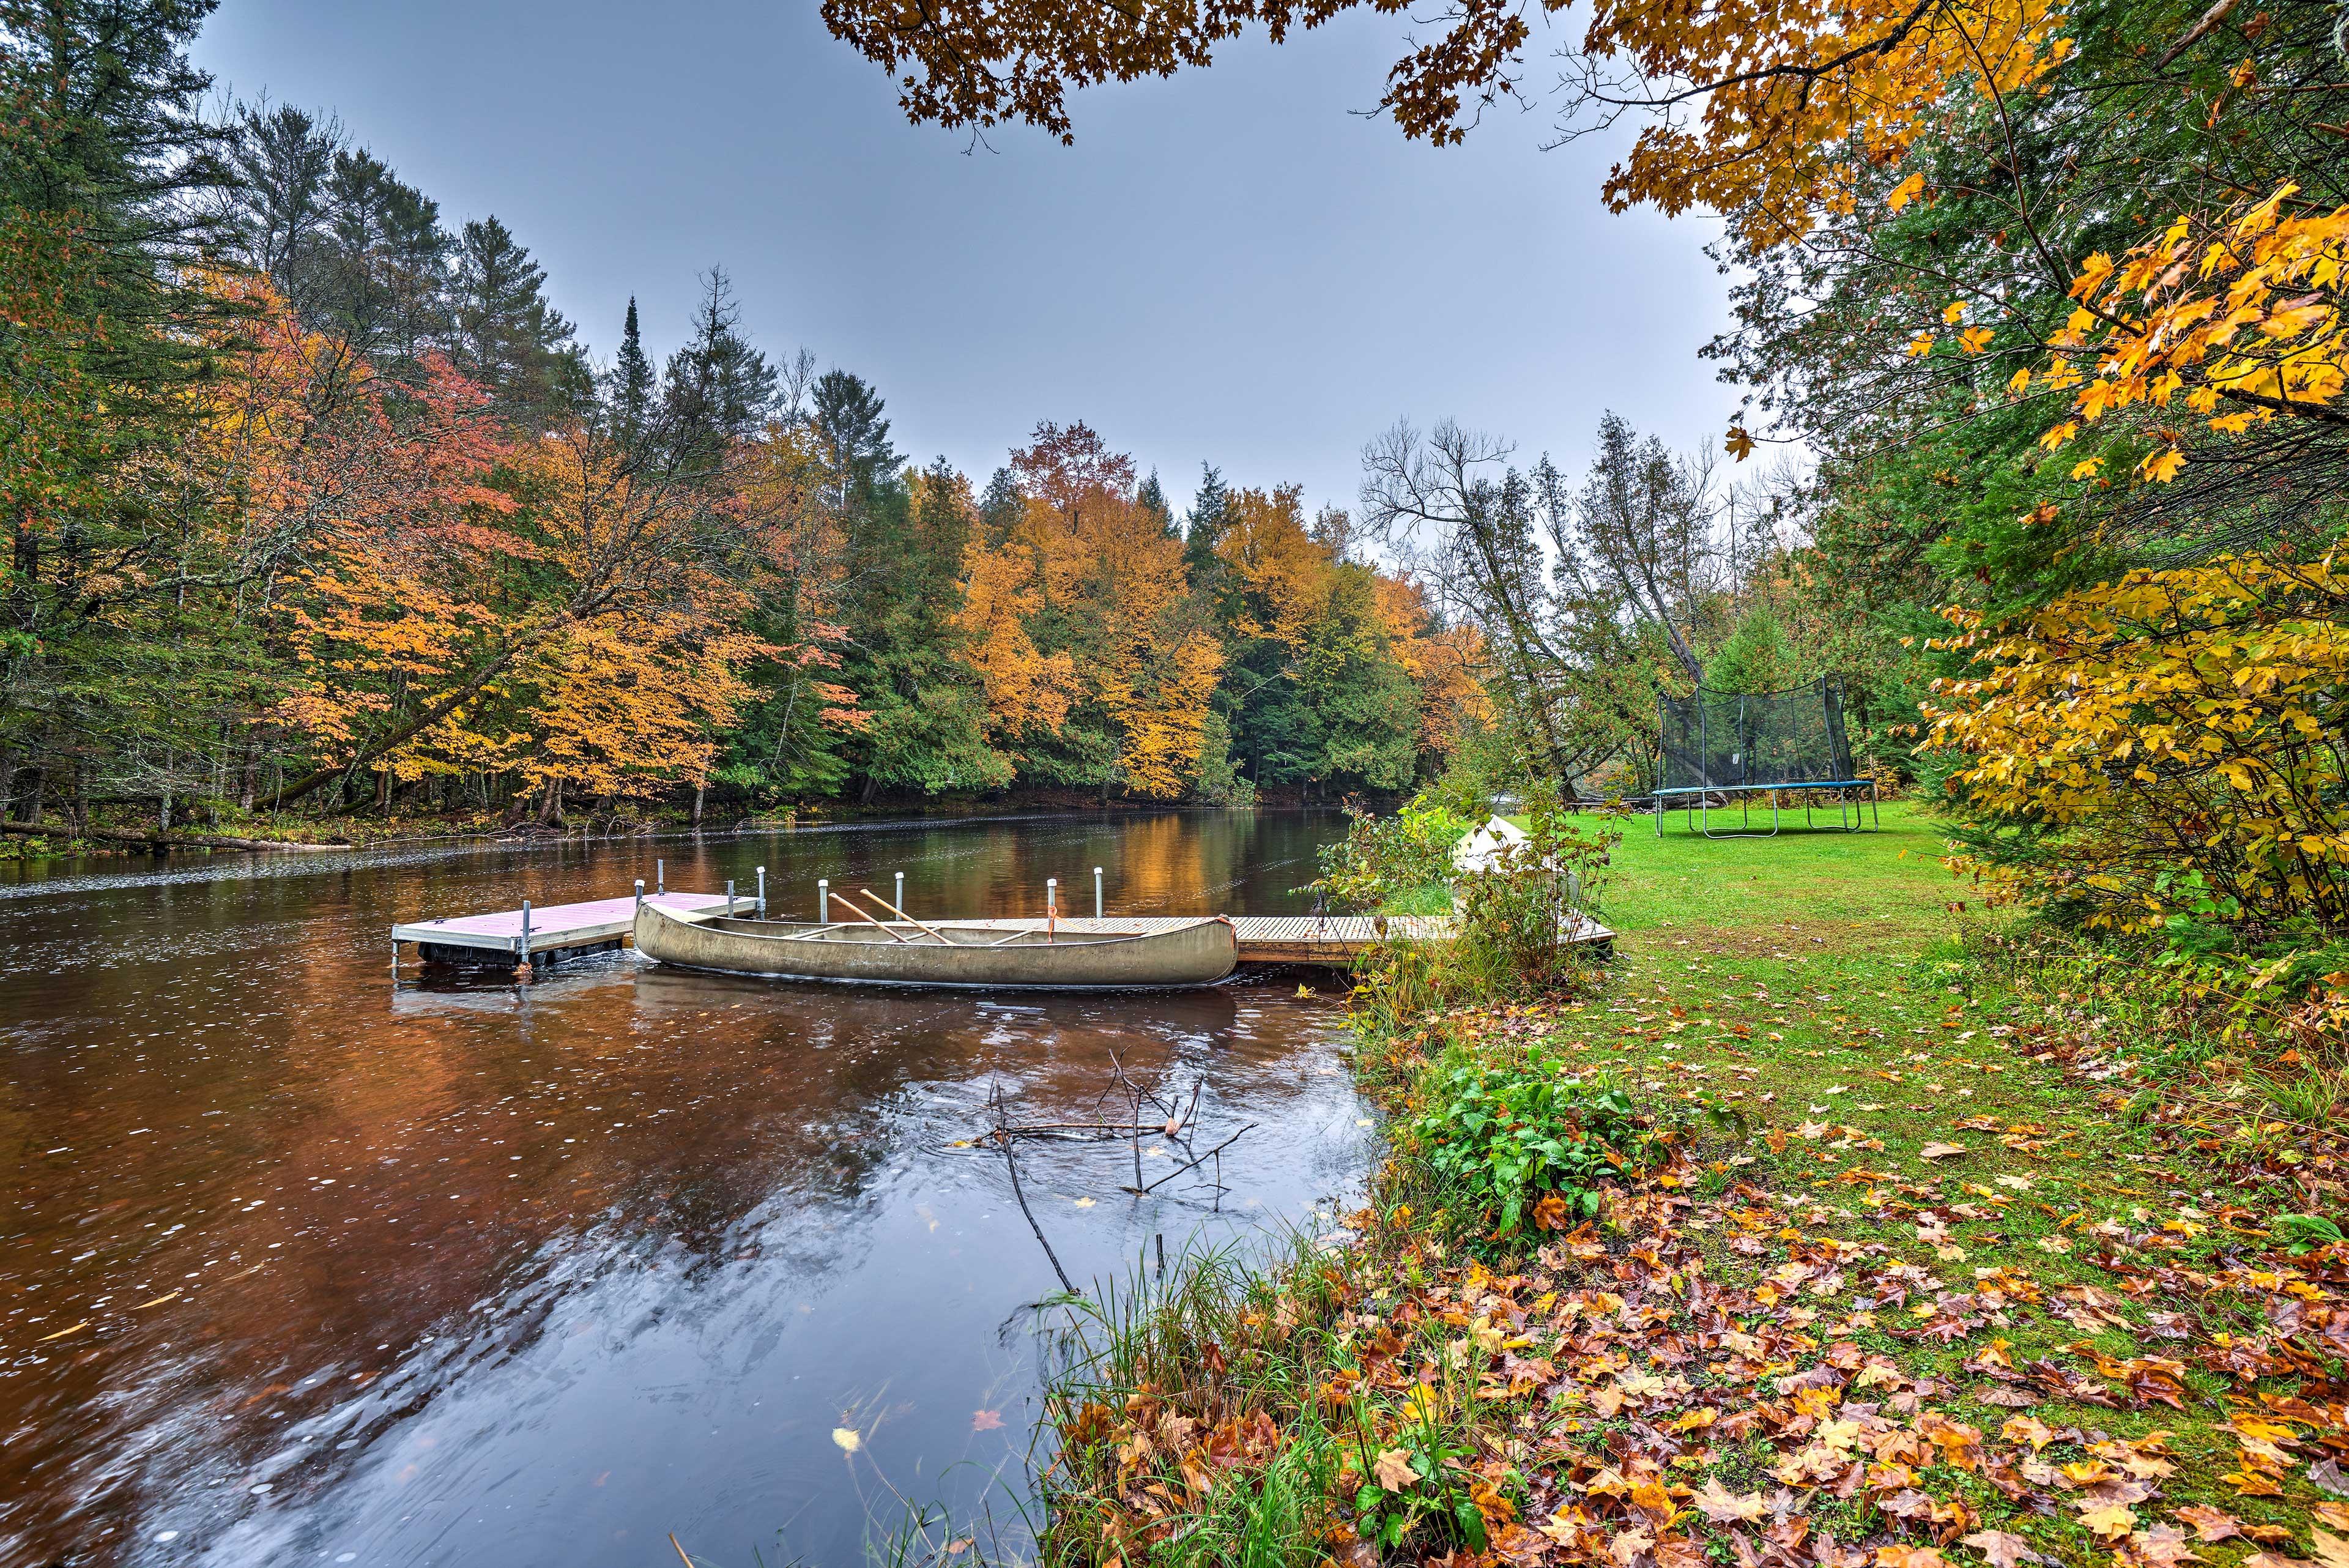 Enjoy peaceful paddles on the canoe.